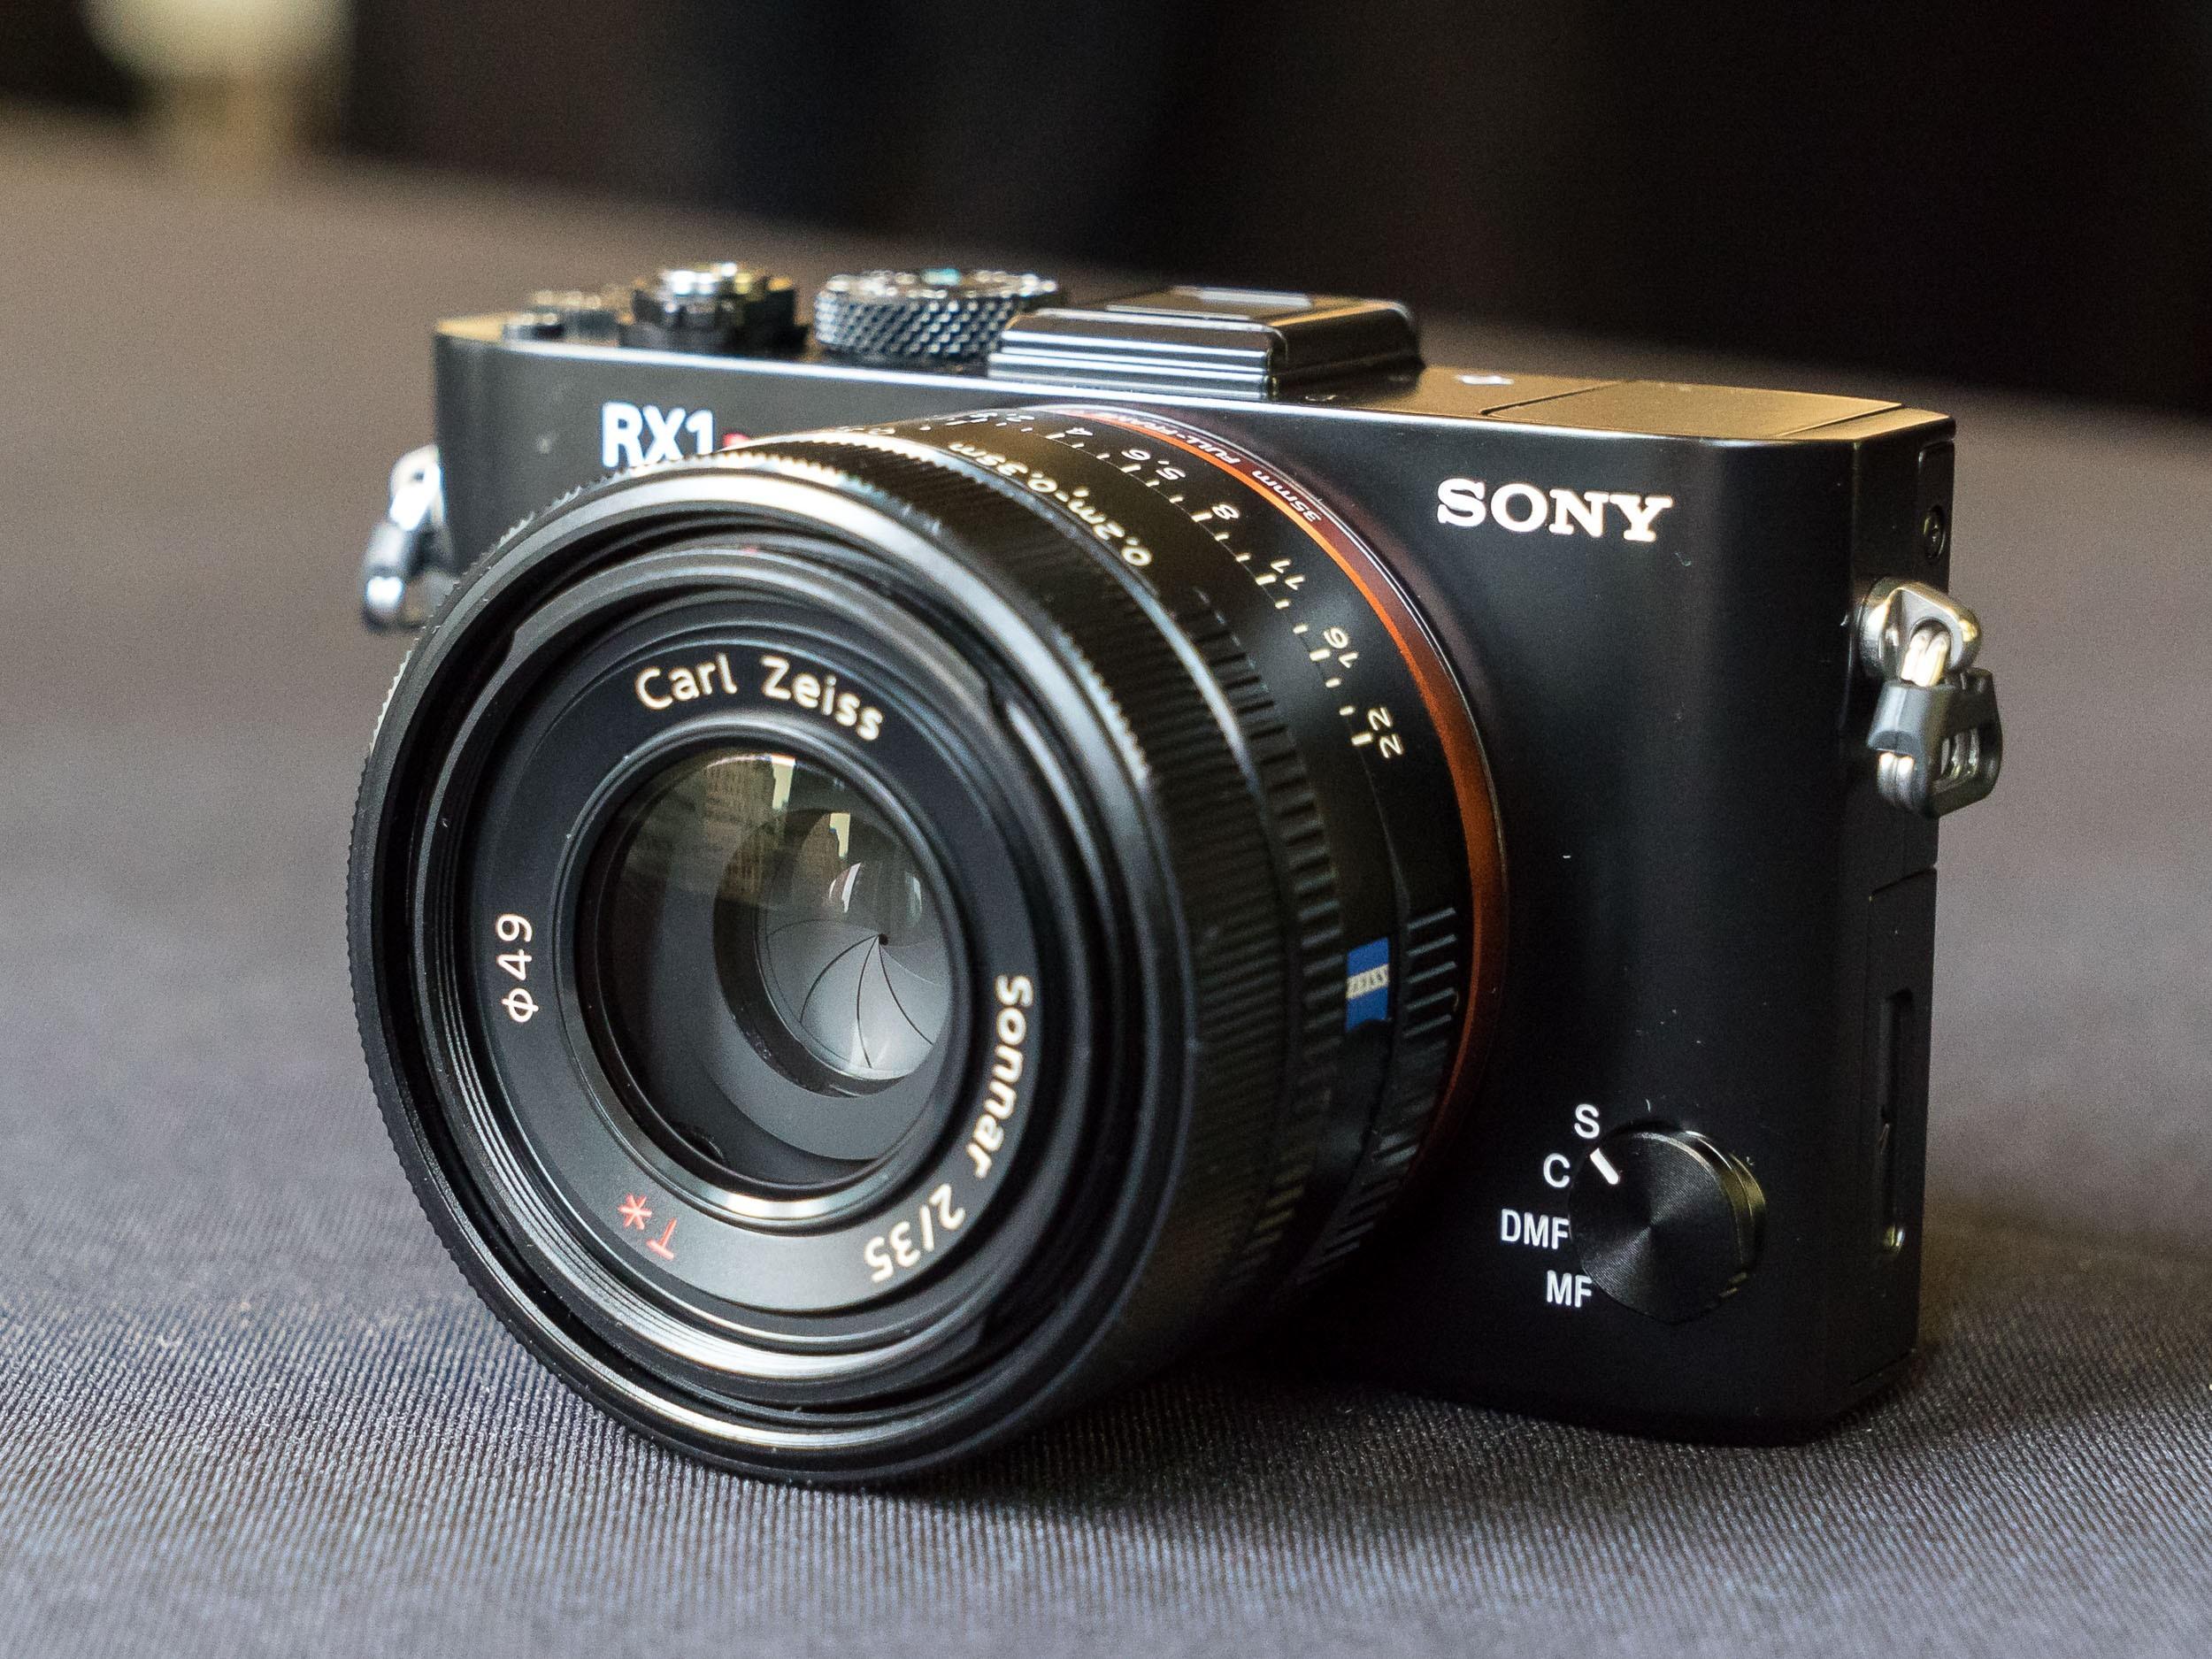 Sony Cyber-shot DSC-RX1R II - Rp 51 juta